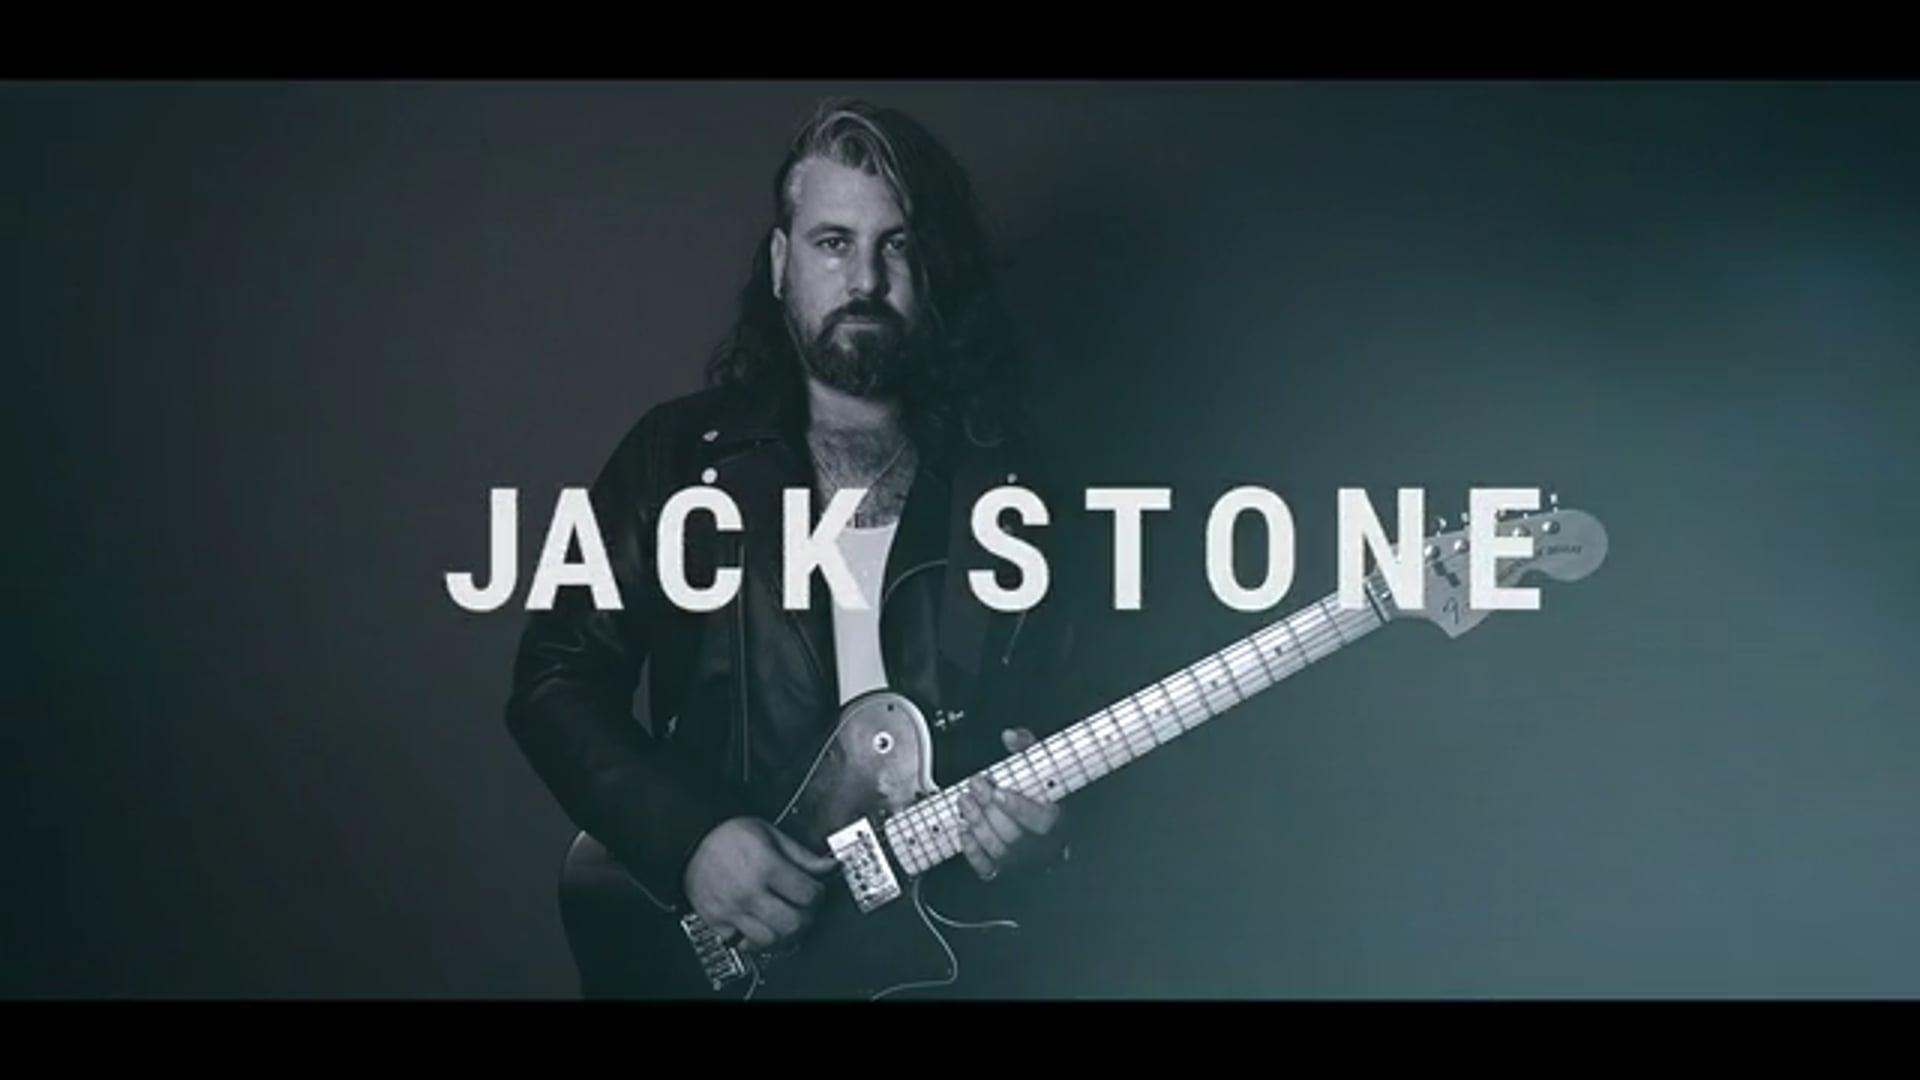 Jack Stone joox